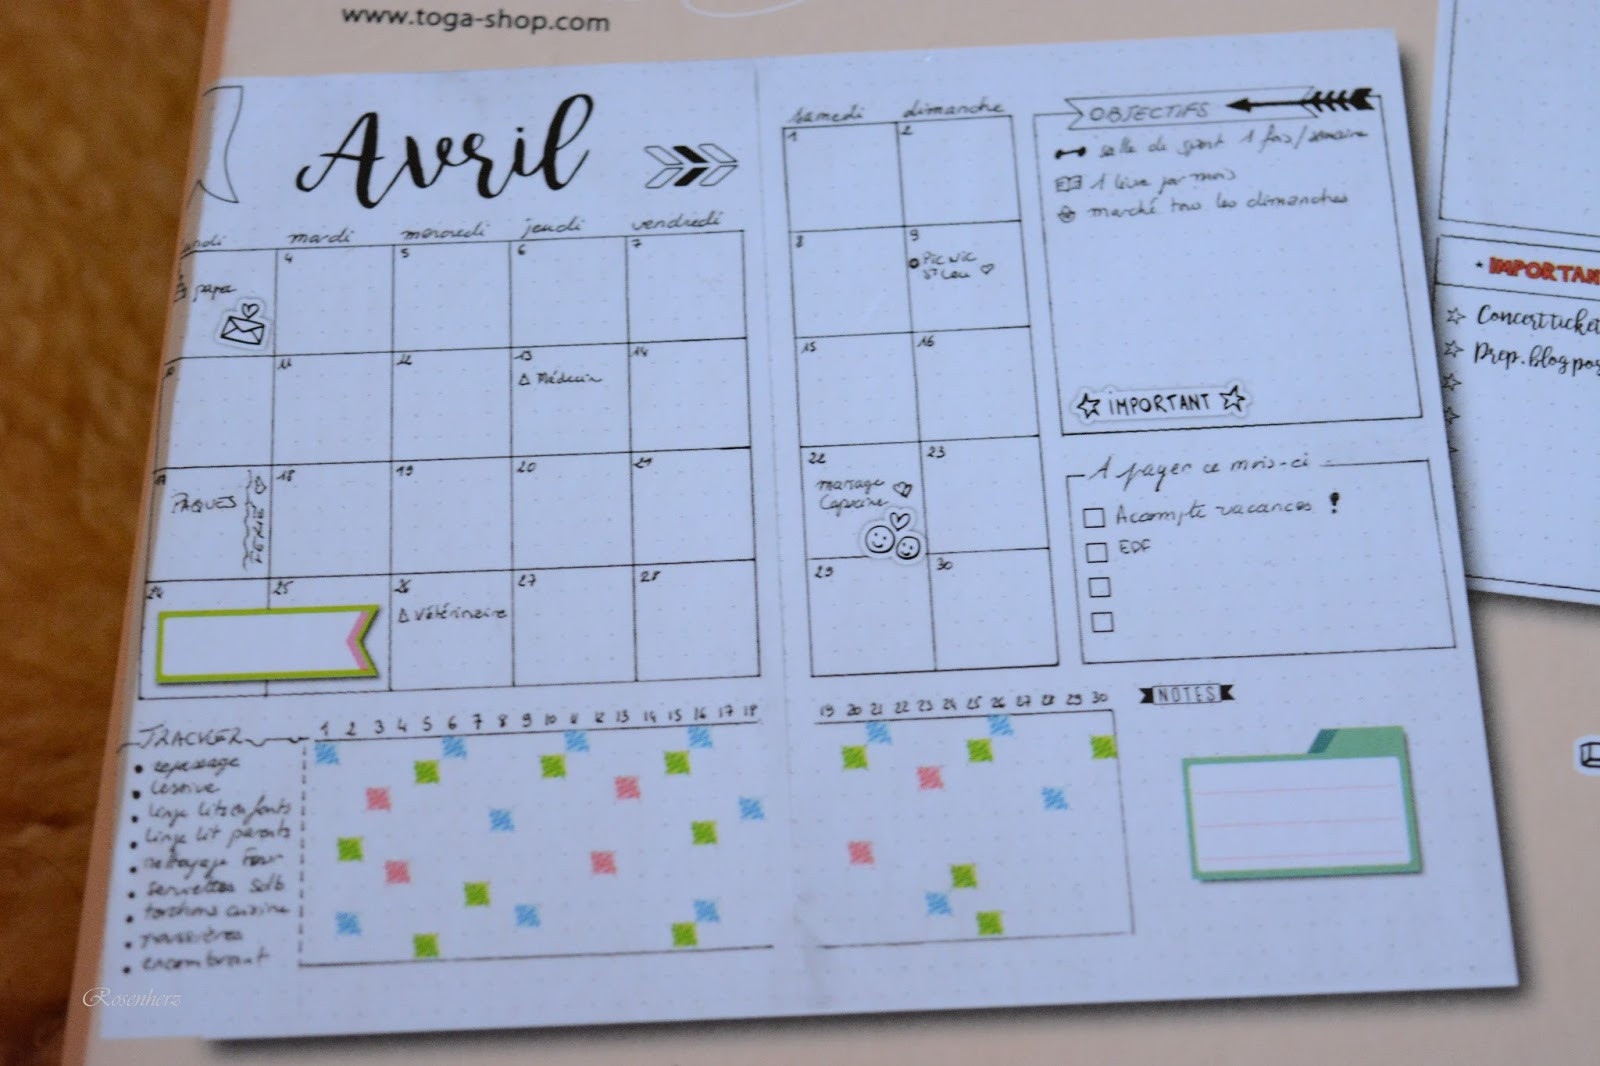 Diy Kalender Gestalten  Rosenherz DIY Kalender gestalten